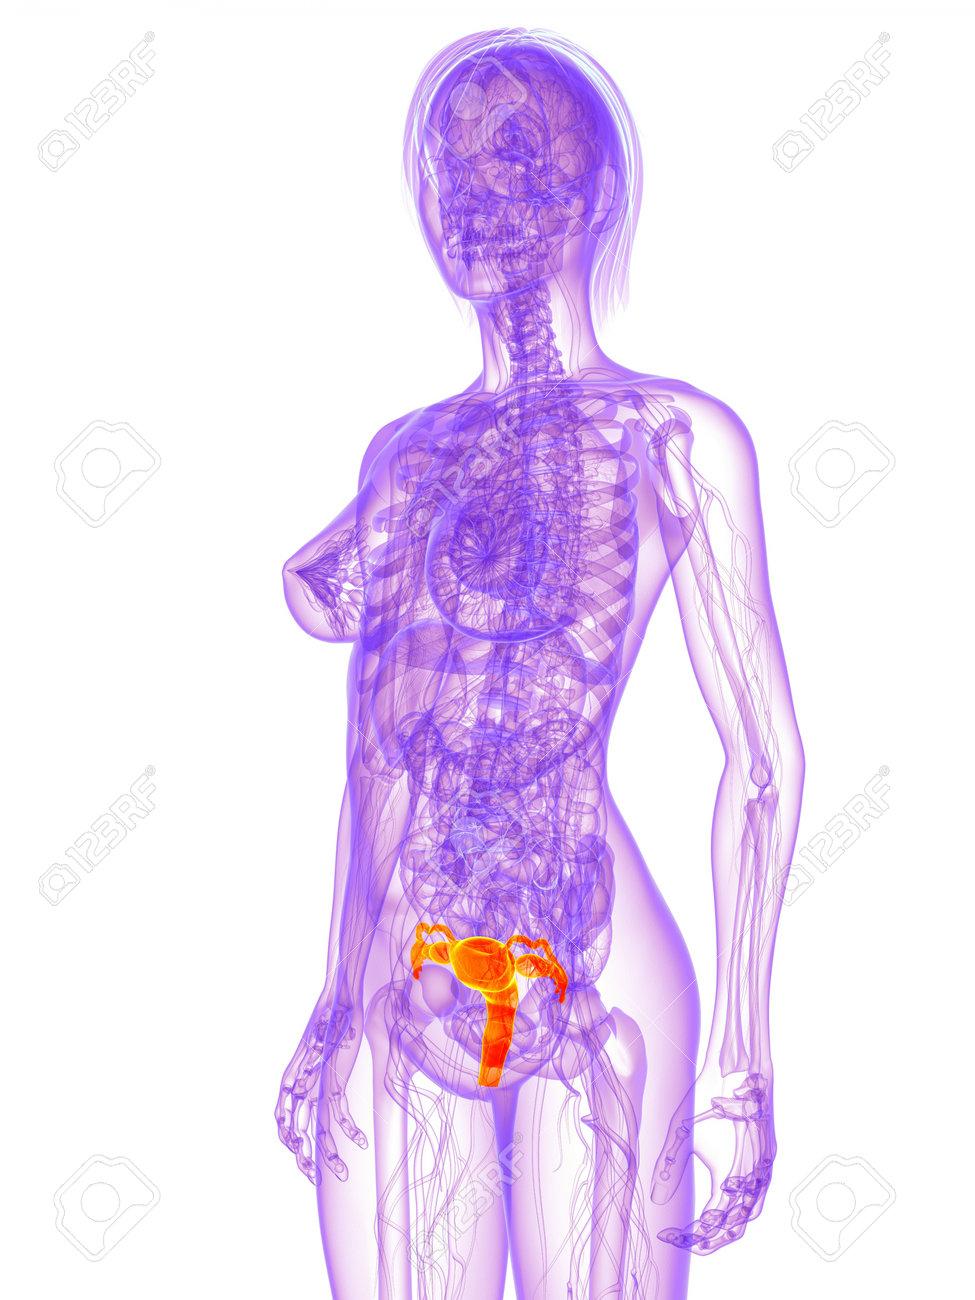 Weibliche Anatomie - Gebärmutter Lizenzfreie Fotos, Bilder Und Stock ...